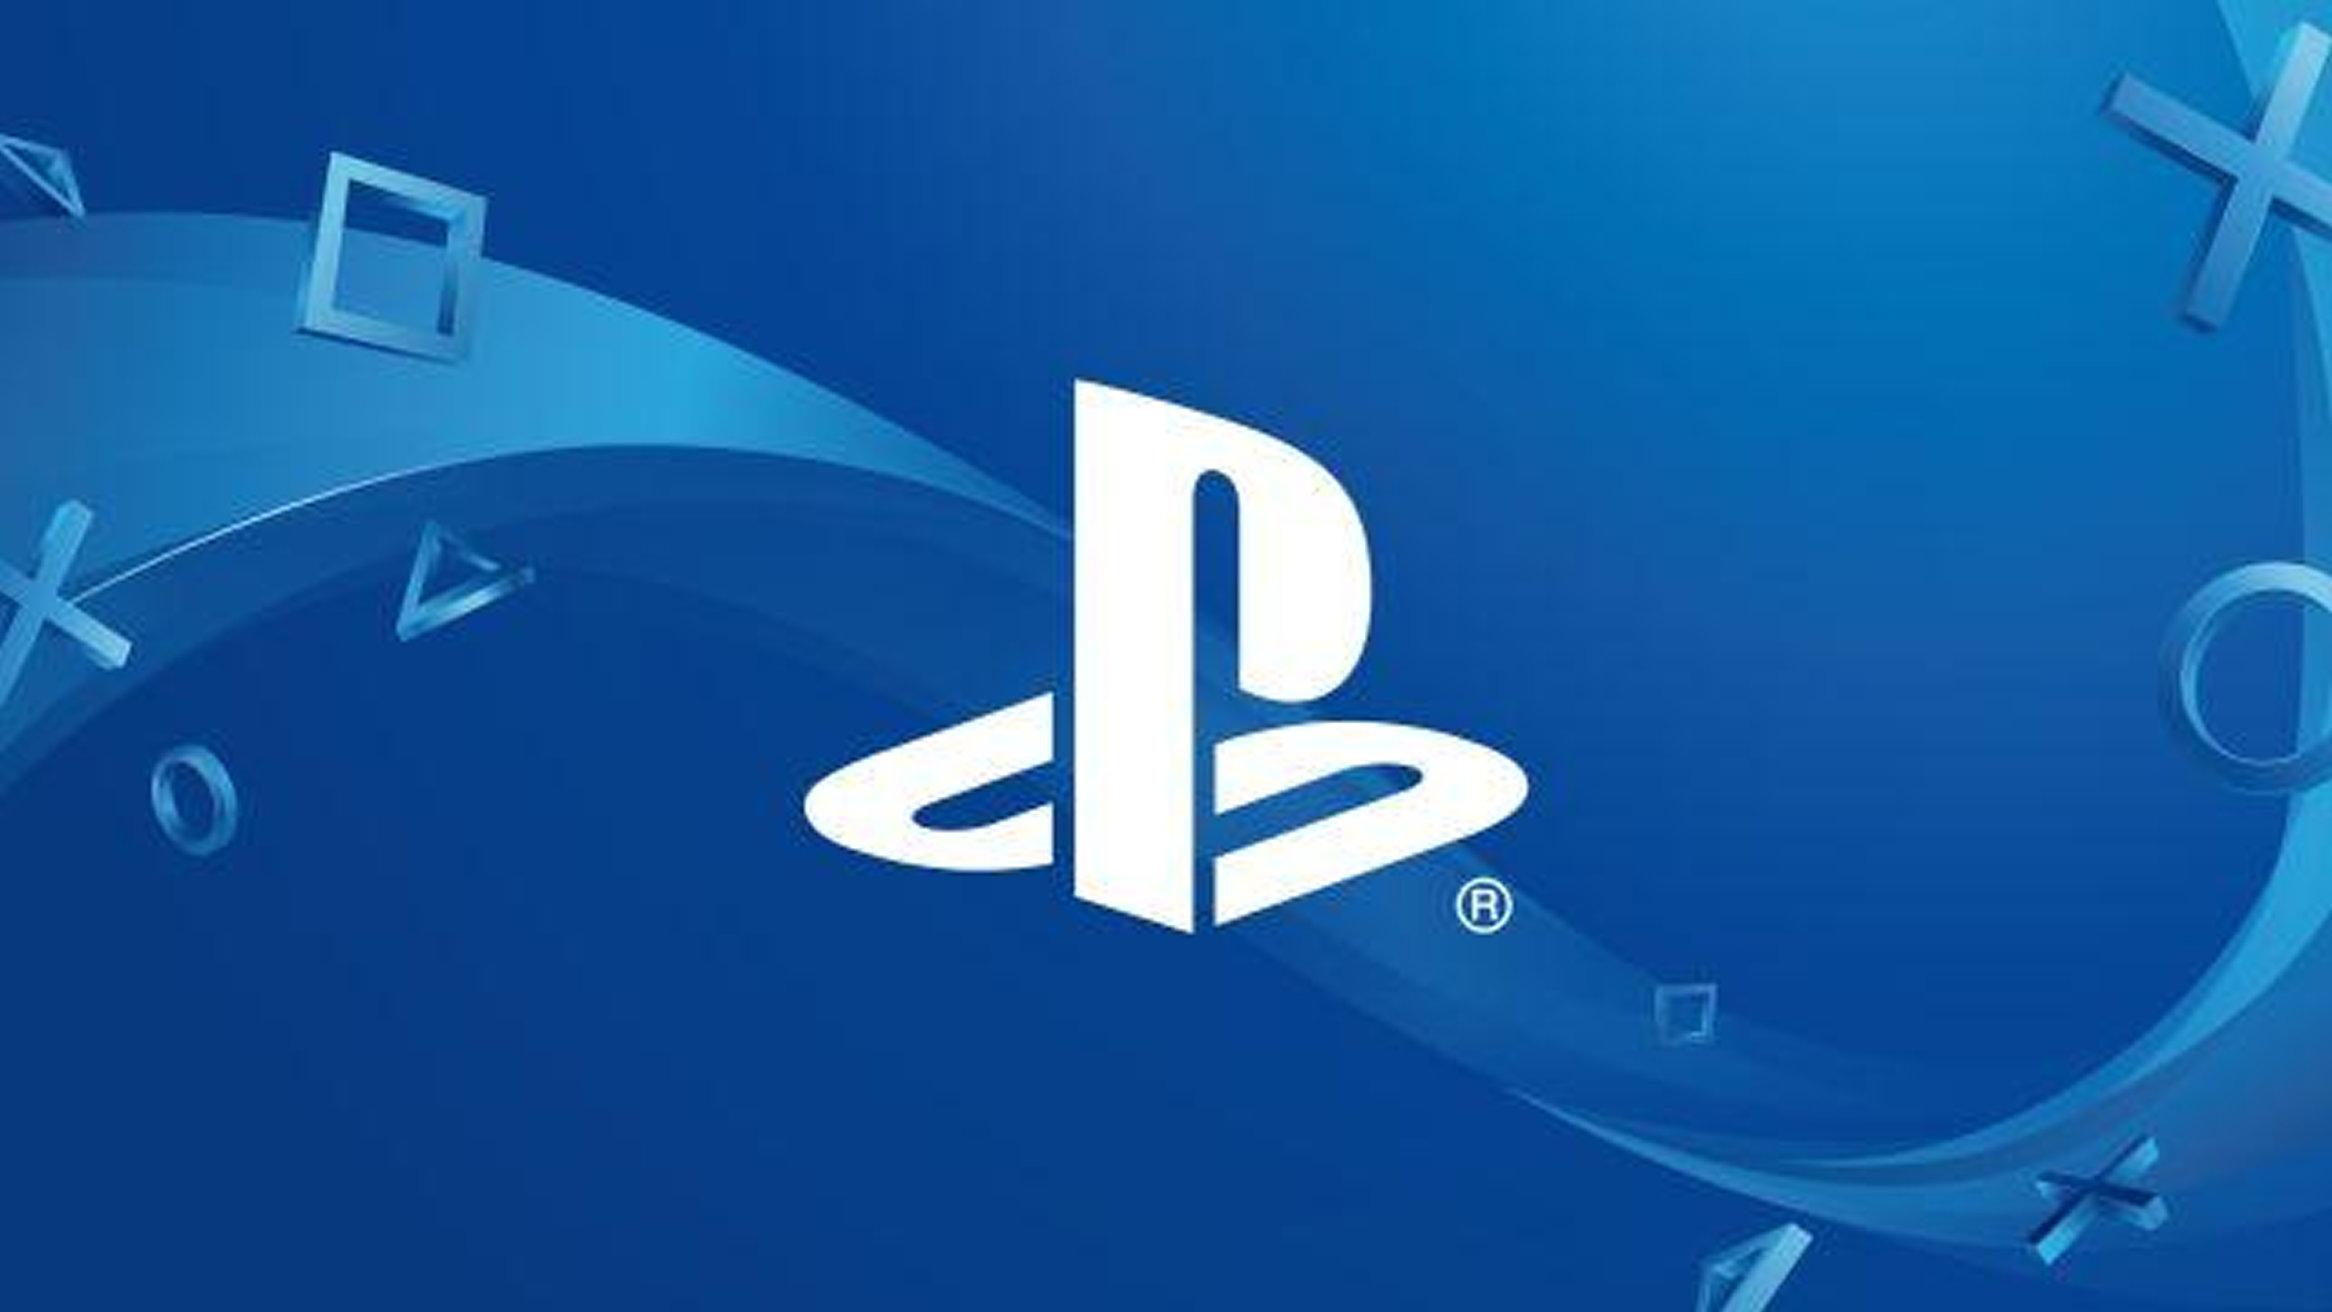 プレイステーション5、正式発表。発売日2020年の年末商戦期